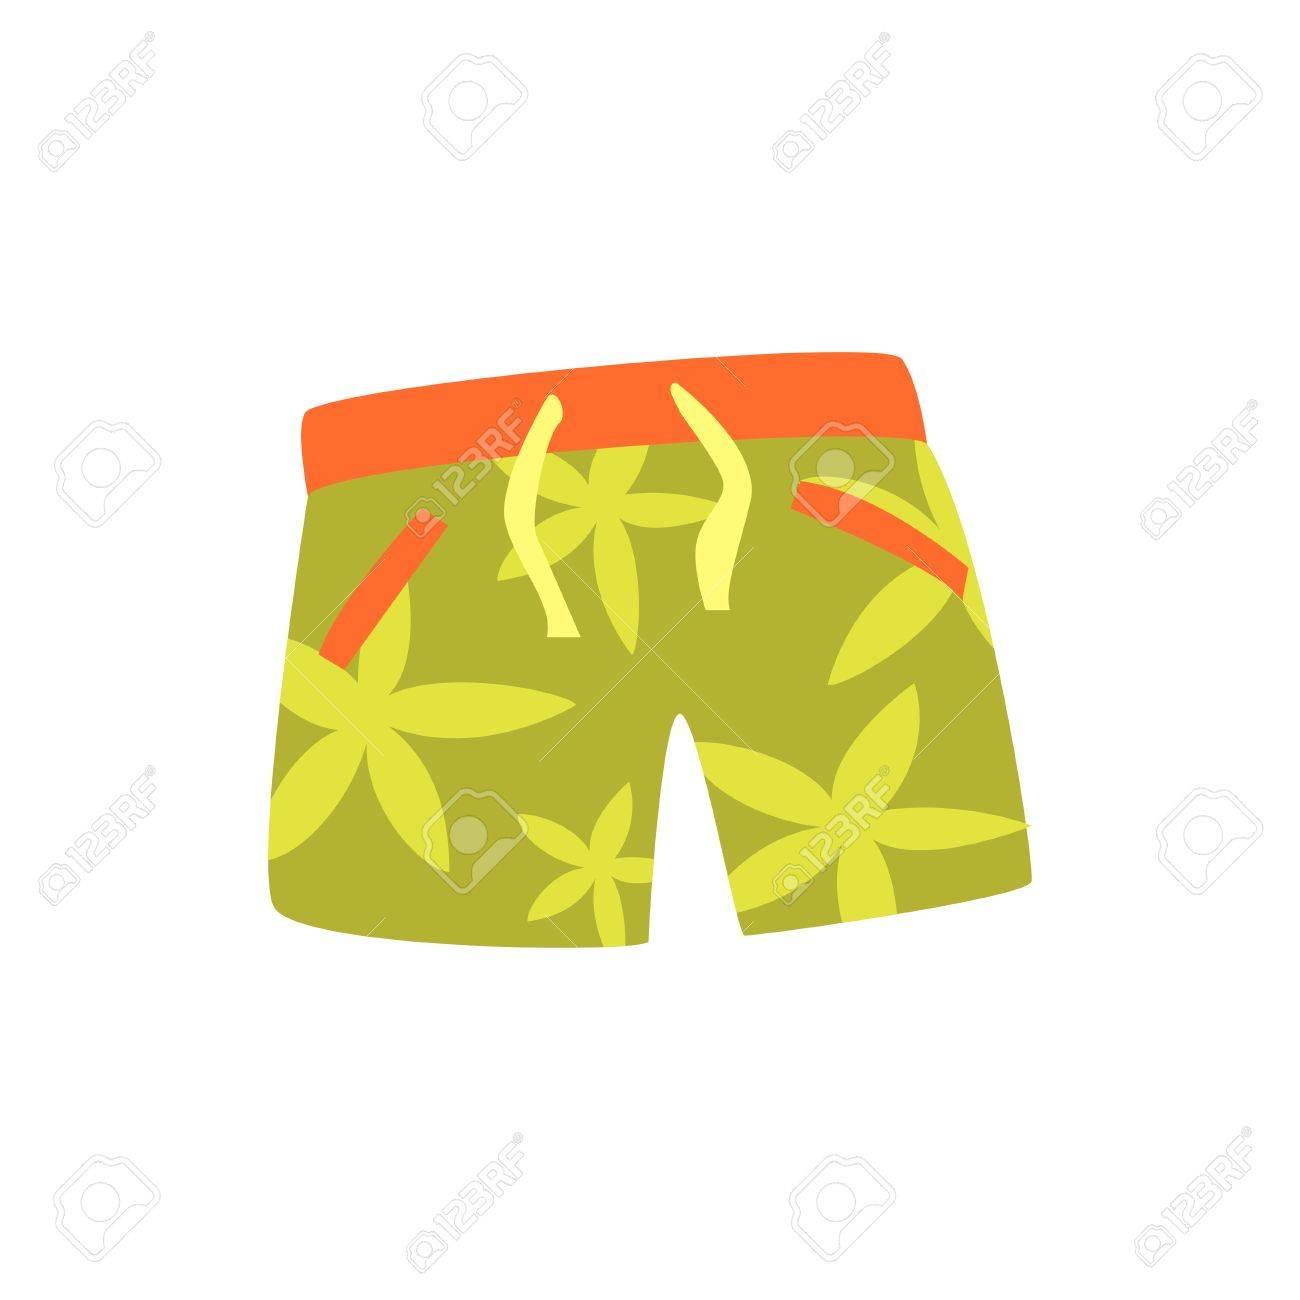 852d4f79a Foto de archivo - Pantalones cortos verdes para nadar ilustración vectorial  de dibujos animados